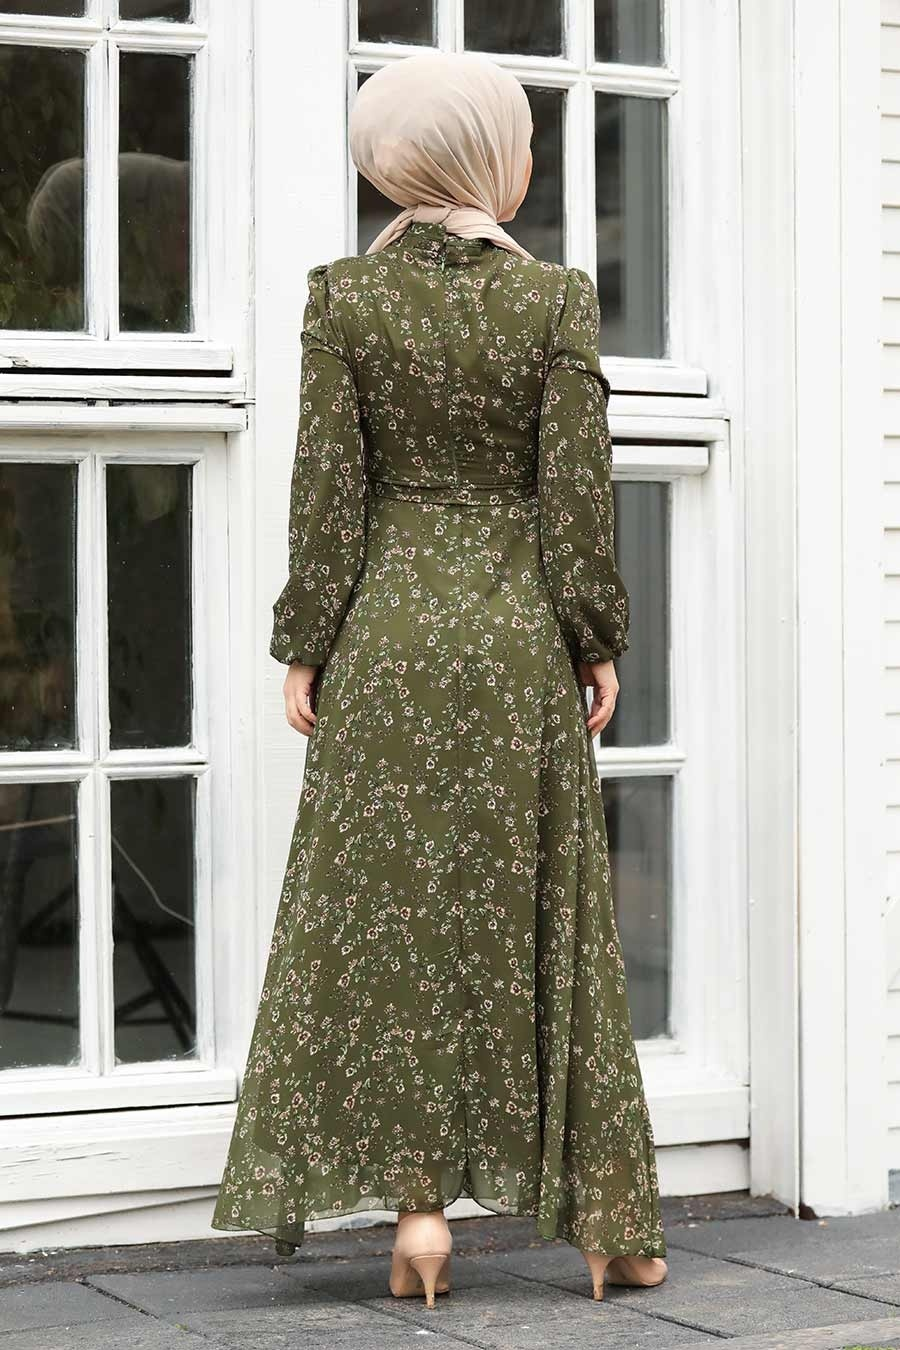 Neva Style - Çiçek Desenli Yeşil Tesettür Elbise 27902Y